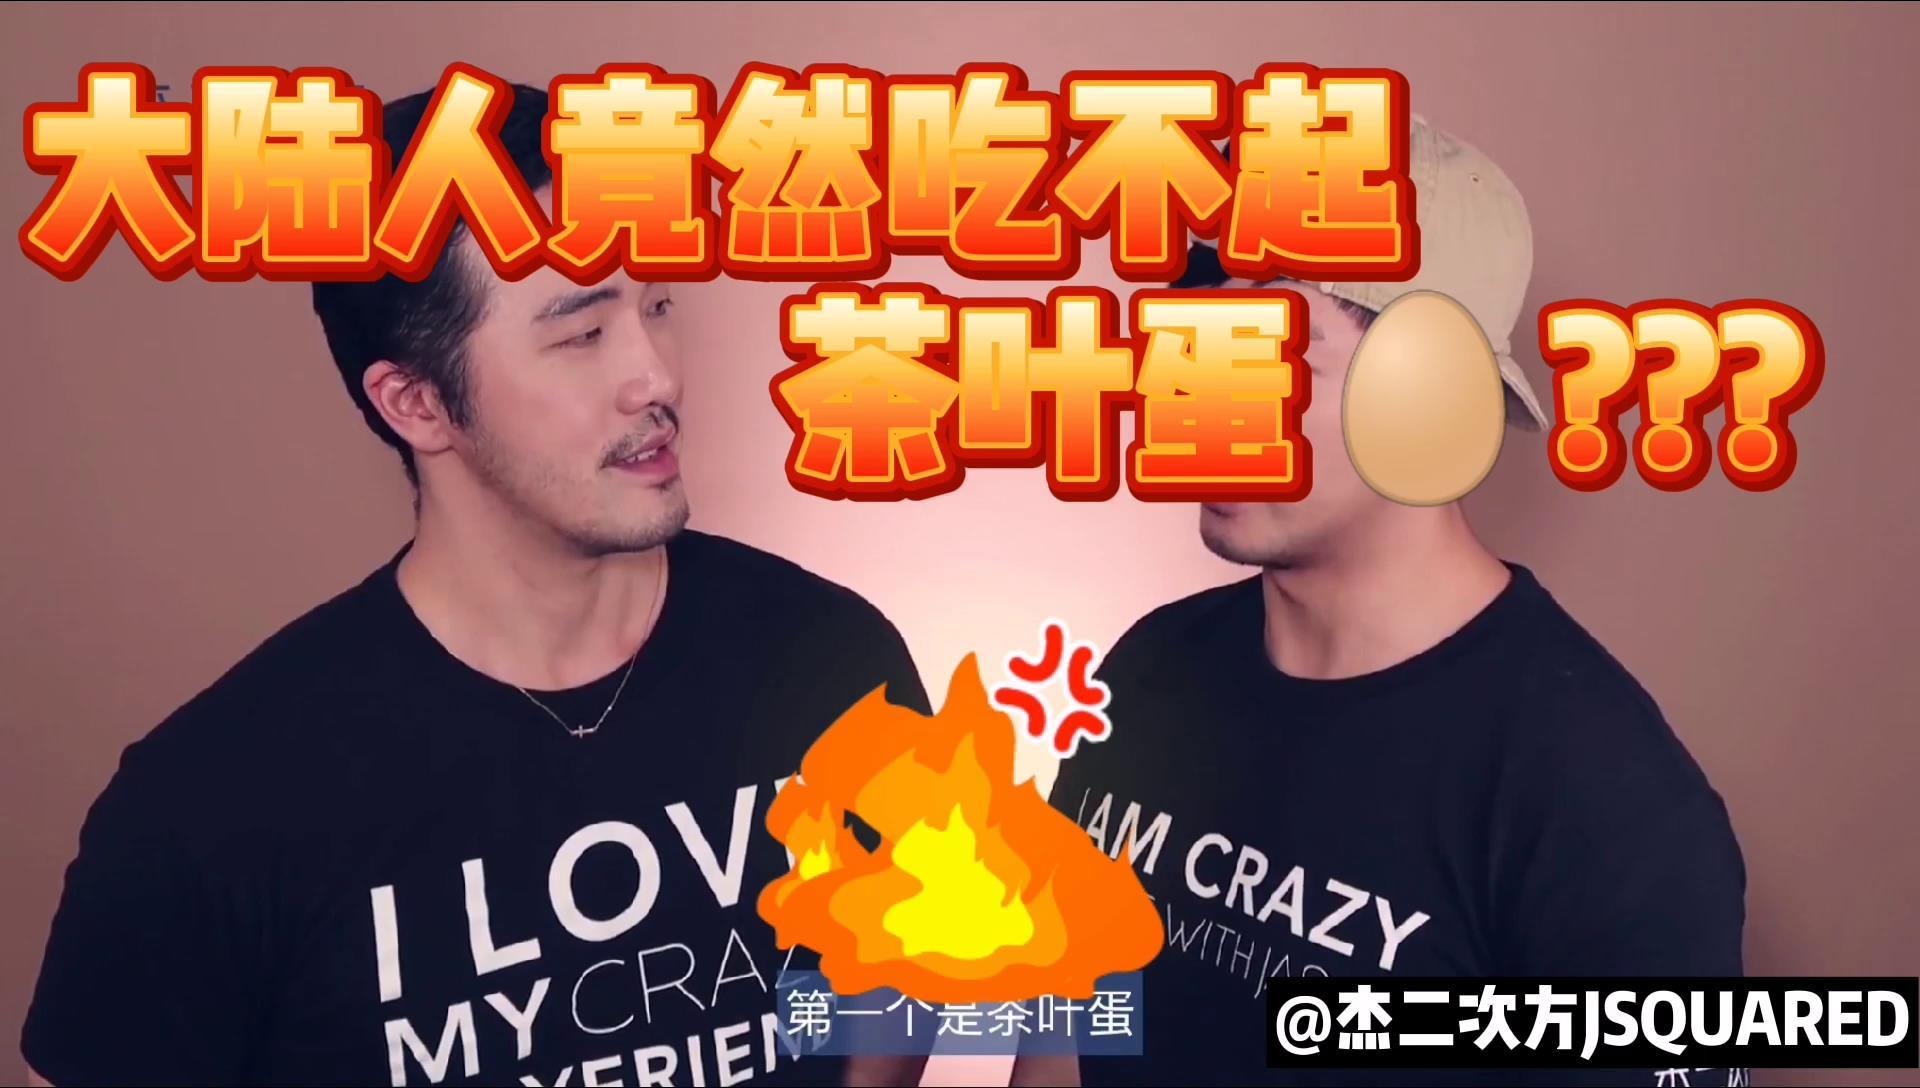 大陆人真的吃不起茶叶蛋和榨菜?听听在大陆生活台湾小伙怎么说?图片